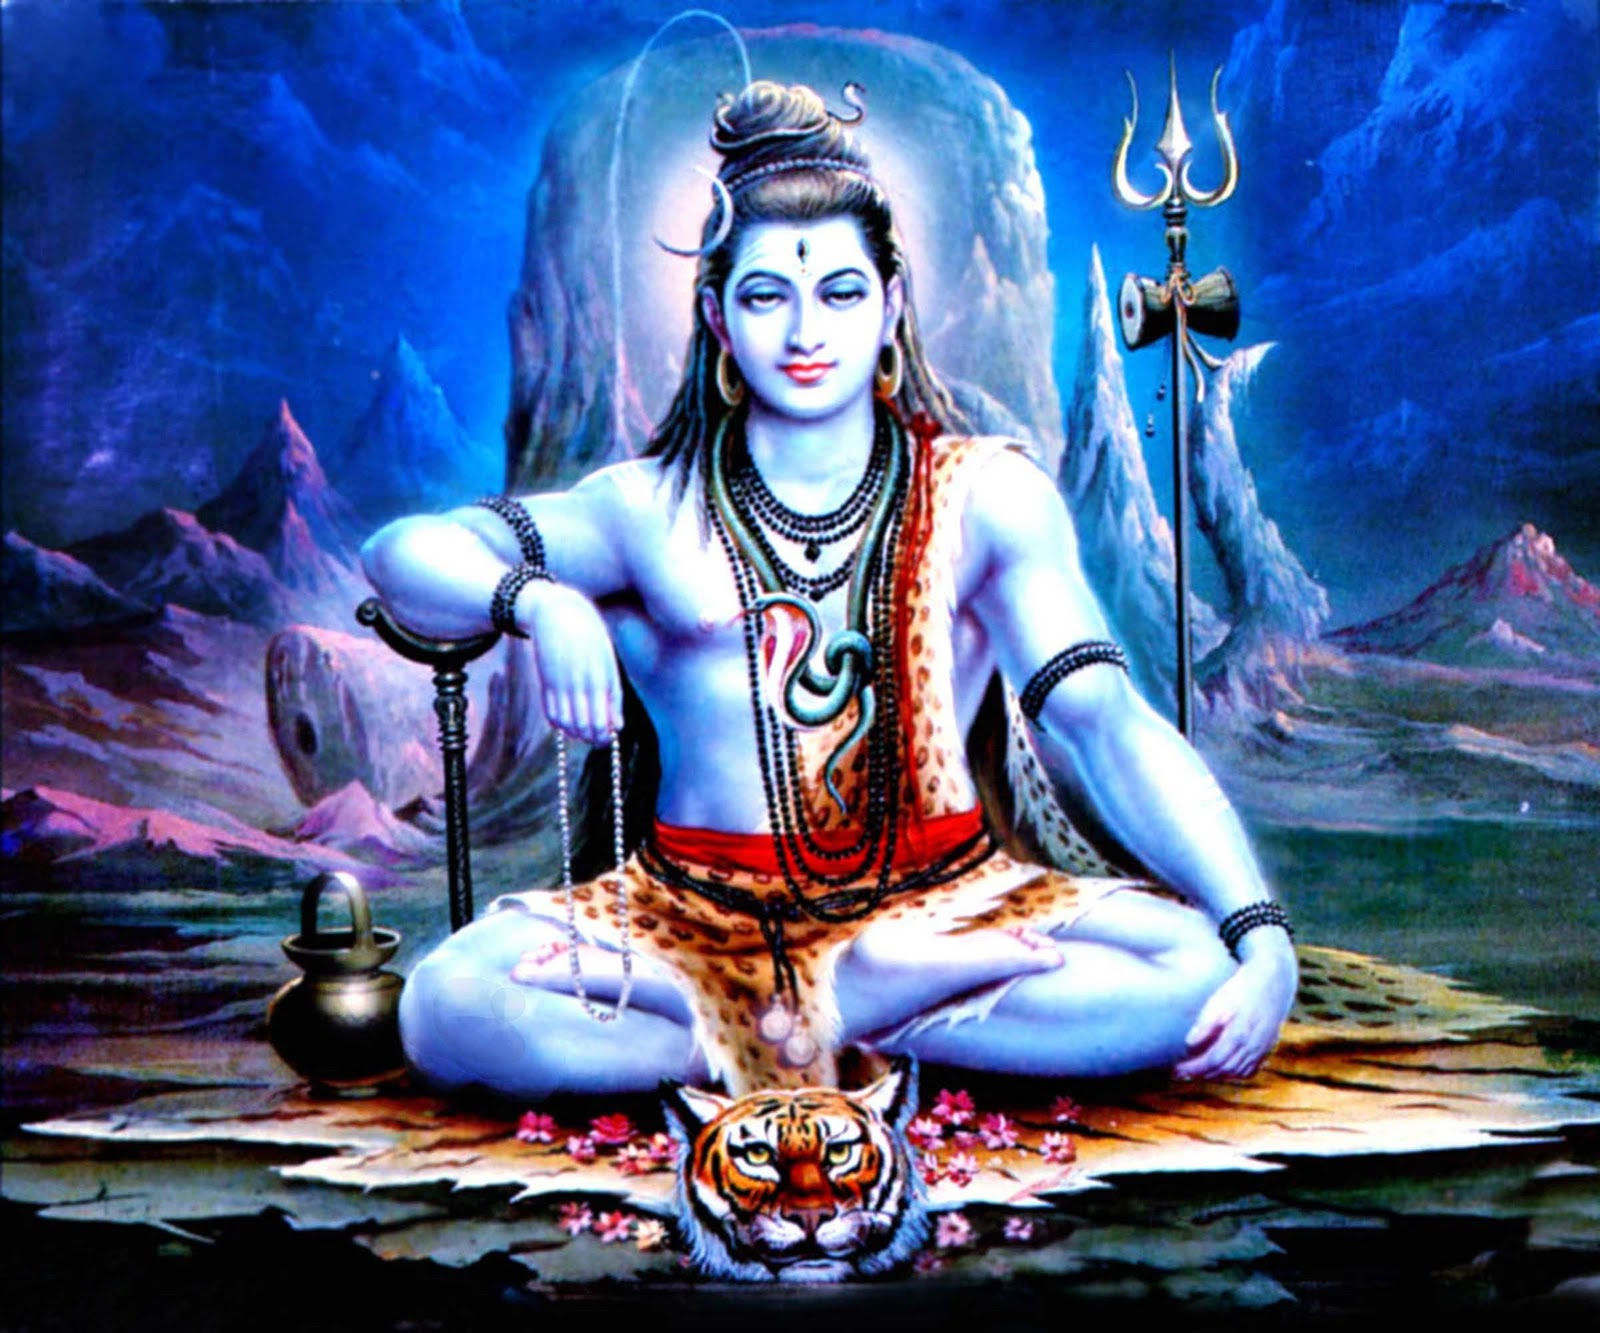 http://2.bp.blogspot.com/-xC1BUgXJb8o/TlelfhcYqbI/AAAAAAAAAN8/M6KyHVAfW_A/s1600/Lord-Shiva-Wallpapers-2.jpg